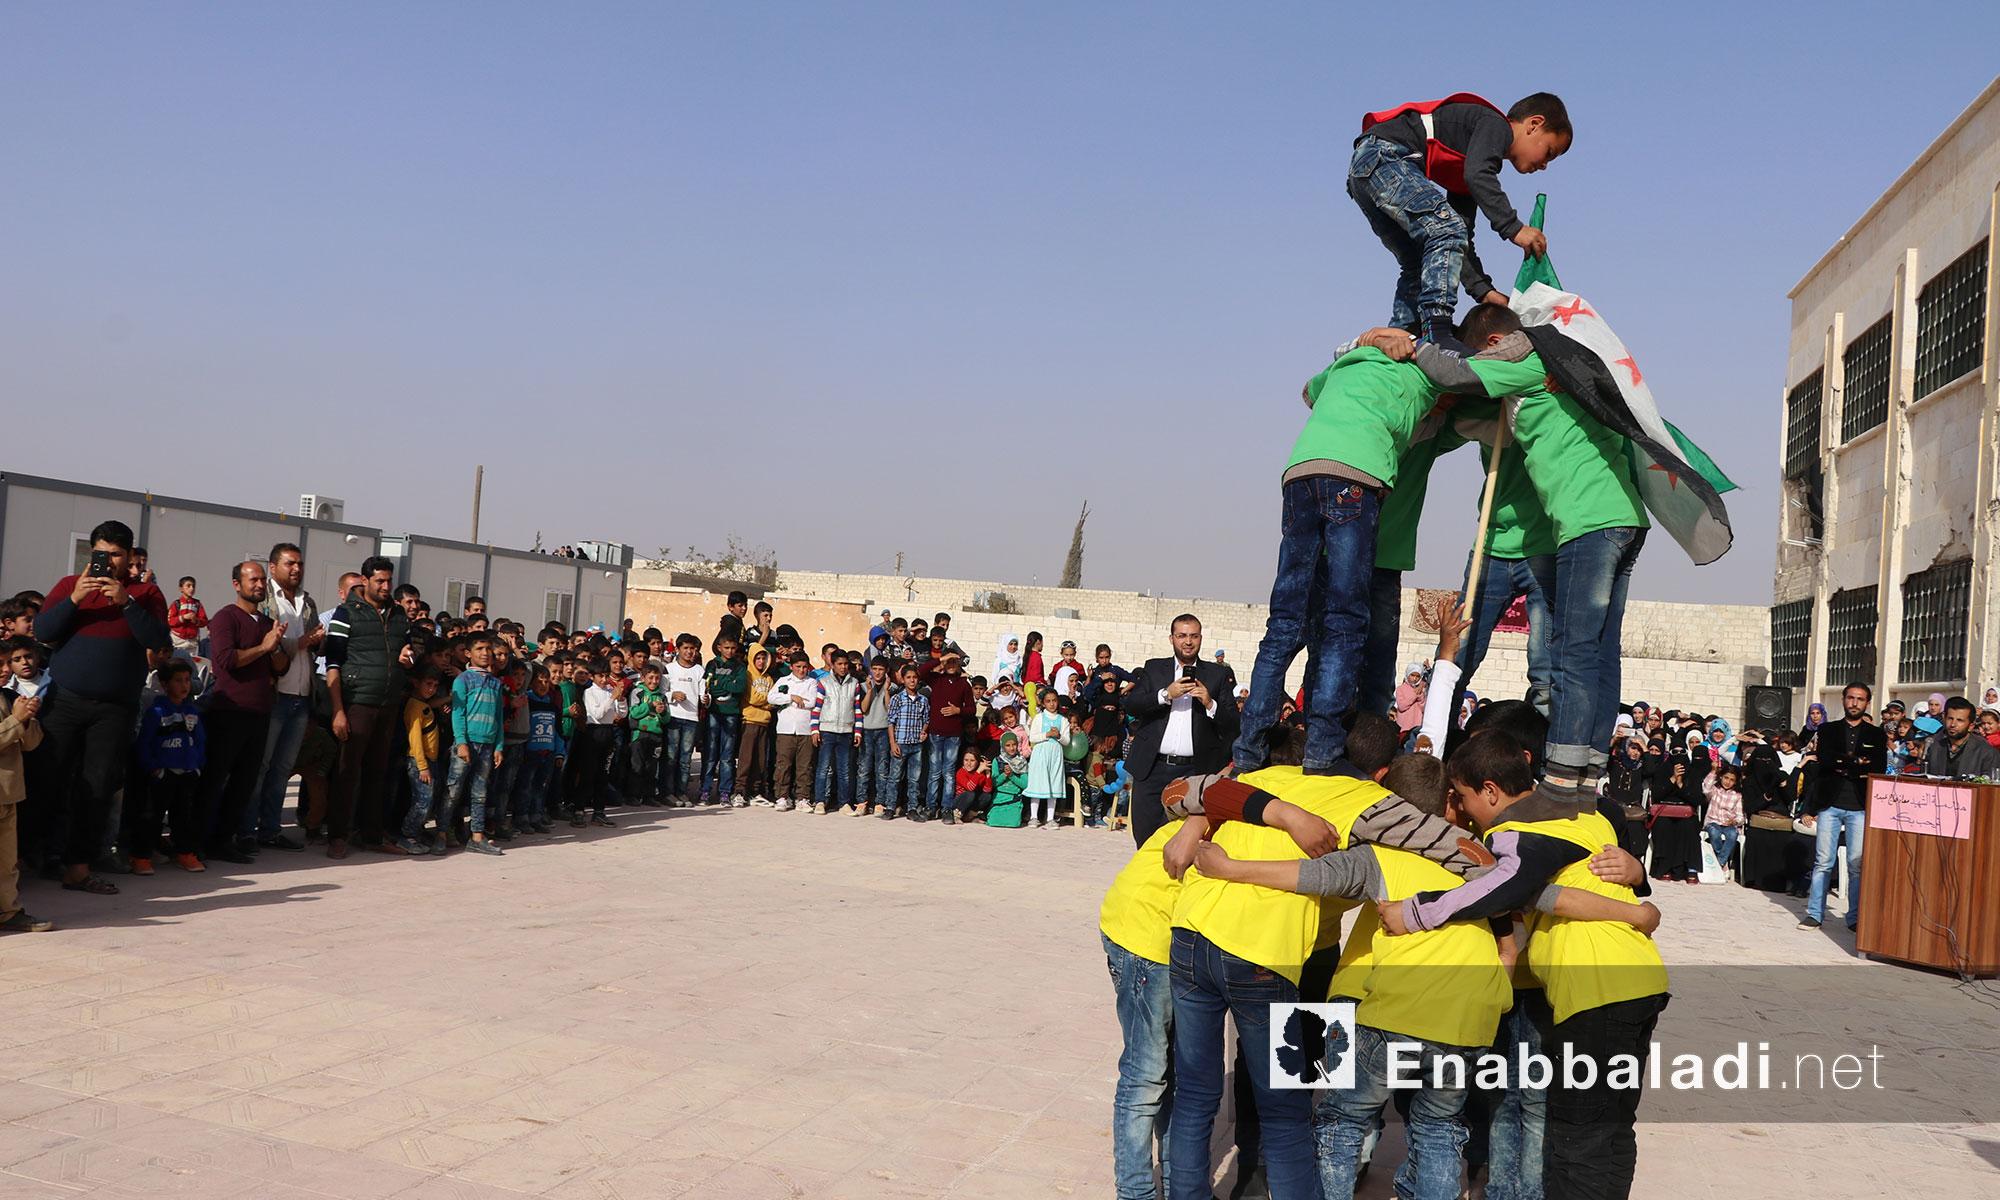 افتتاح مدرسة الشهيد معاذ الحاج عبدو في مدينة قباسين في ريف حلب - 14 تشرين الثاني 2017 (عنب بلدي)